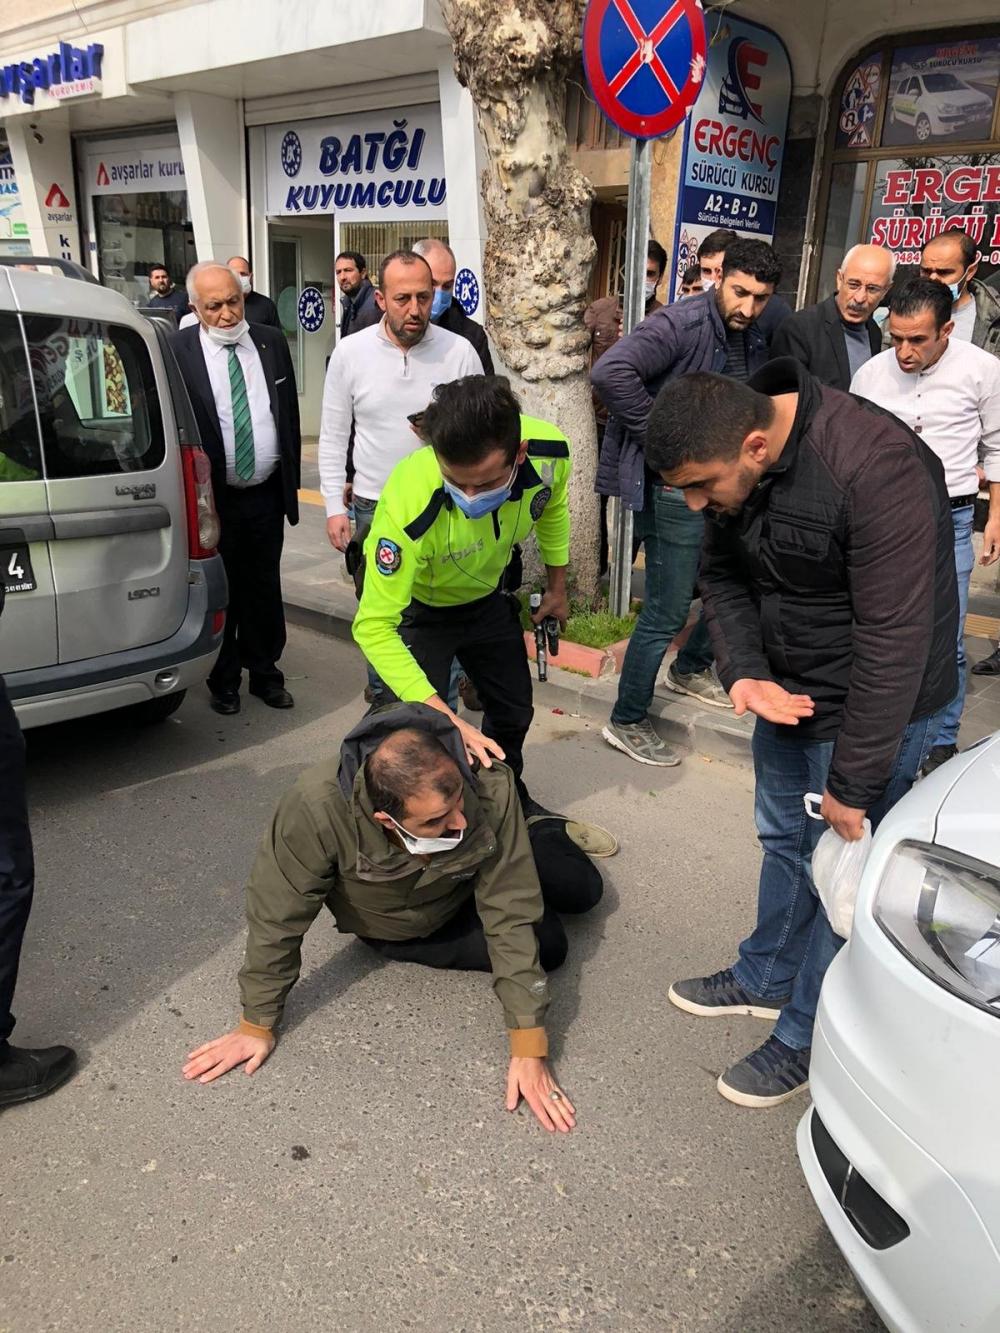 Siirt'te çıkan silahlı kavgada 3 ölü! Saldırgan ekipler tarafından yakalandı 1